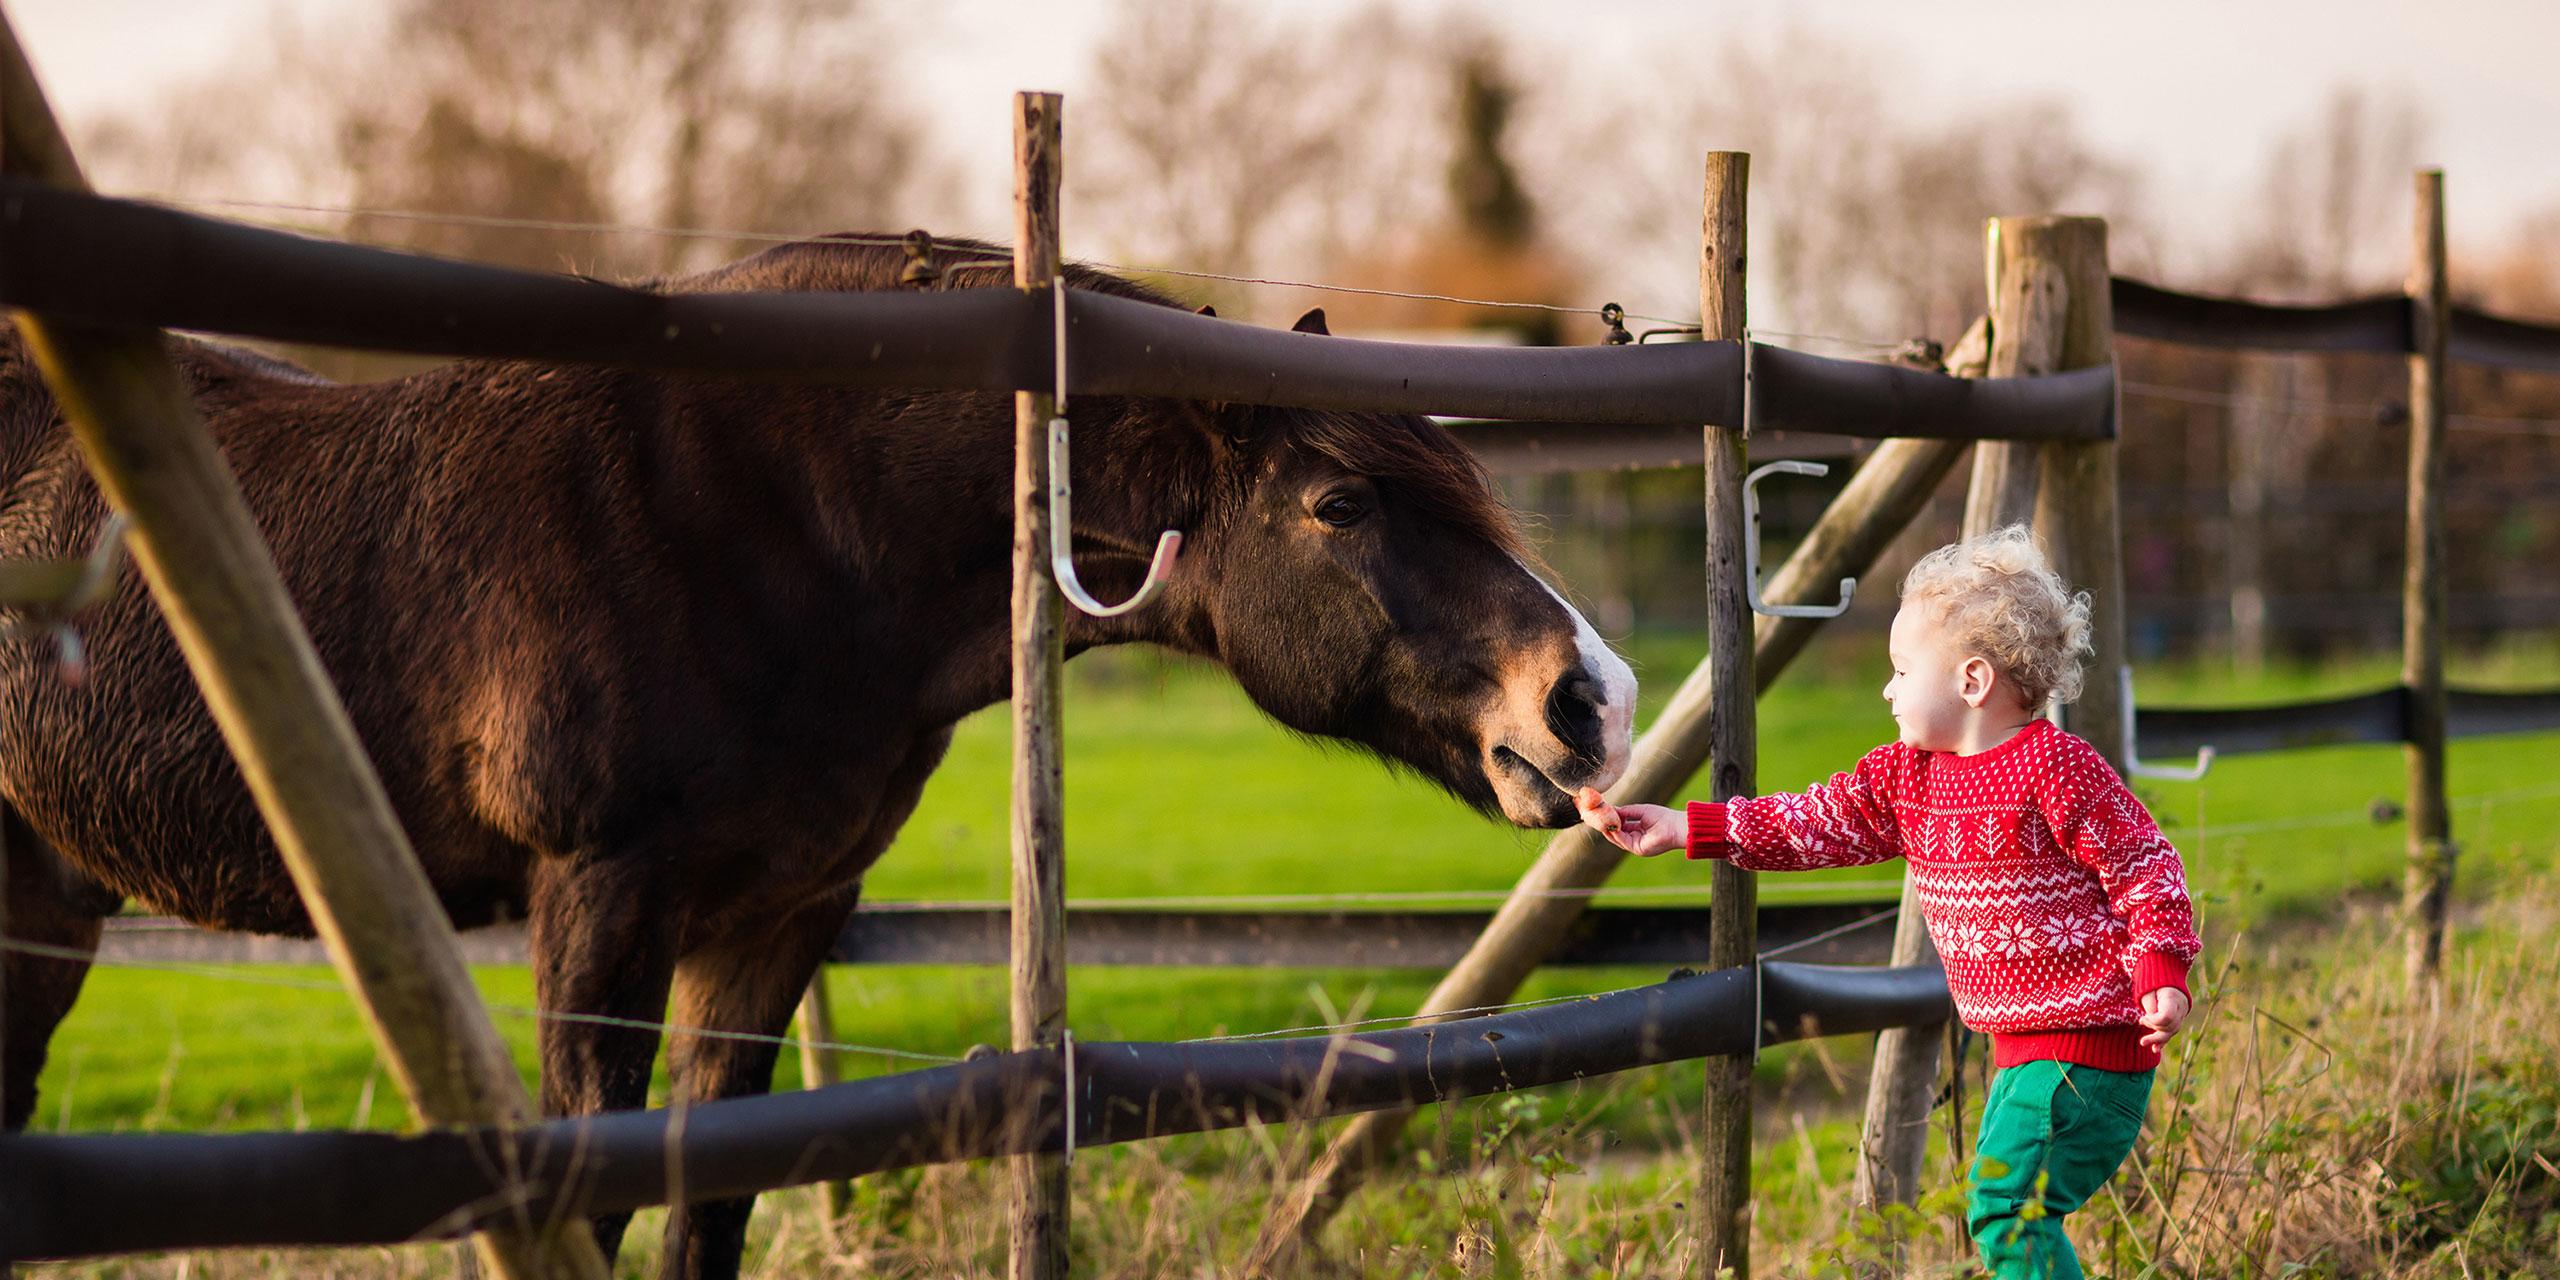 Toddler Petting Horse; Courtesy of FamVeld/Shutterstock.com